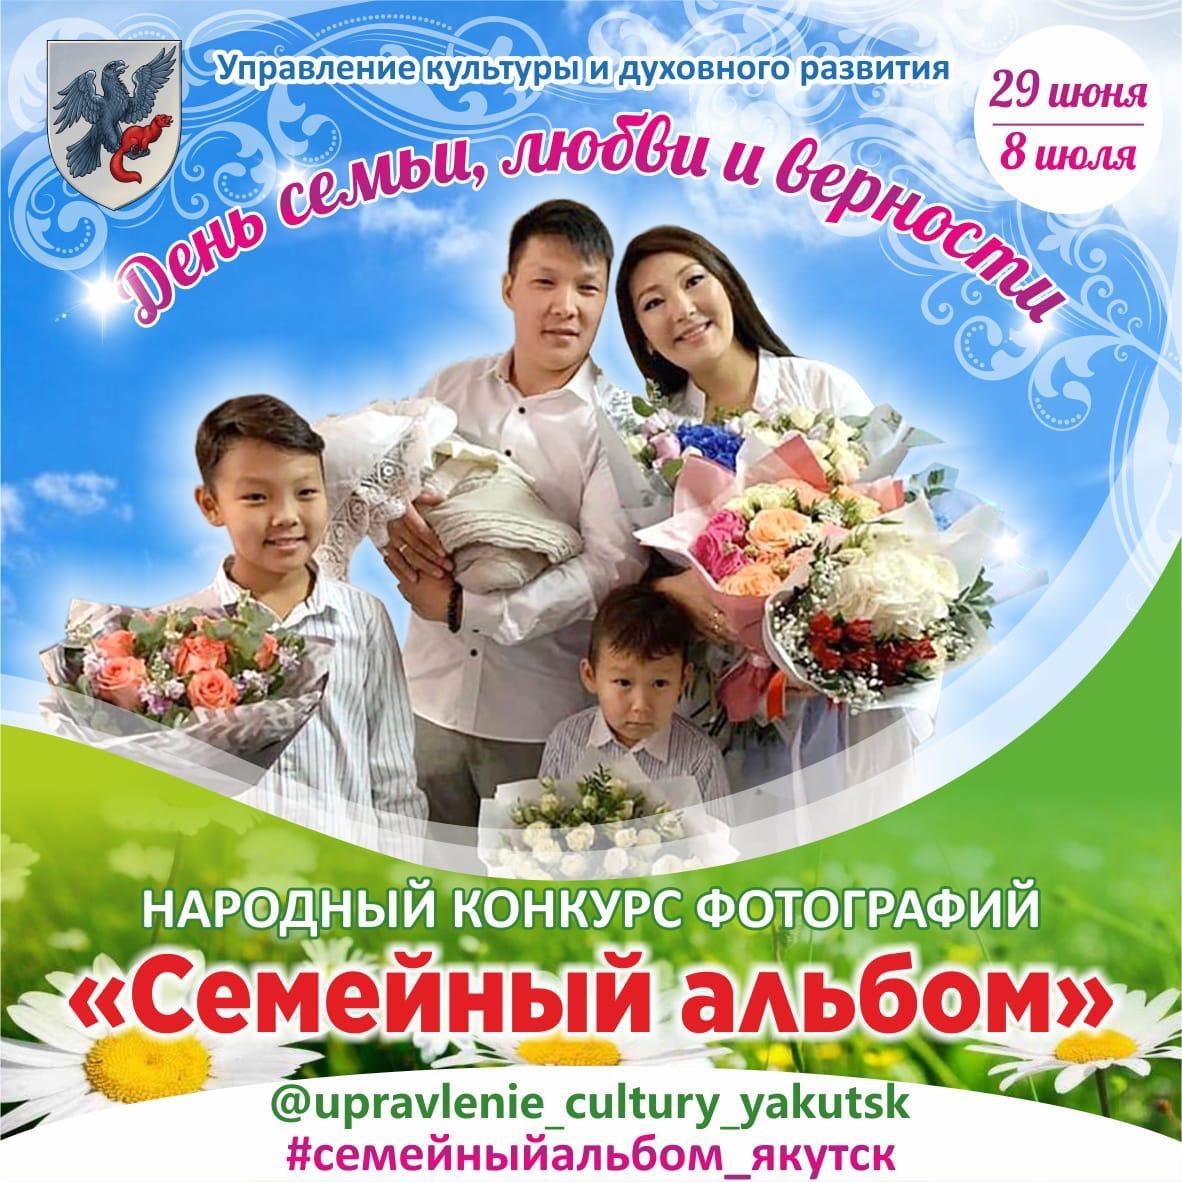 В День семьи, любви верности в Якутске подведут итоги онлайн-конкурса «Семейный альбом»